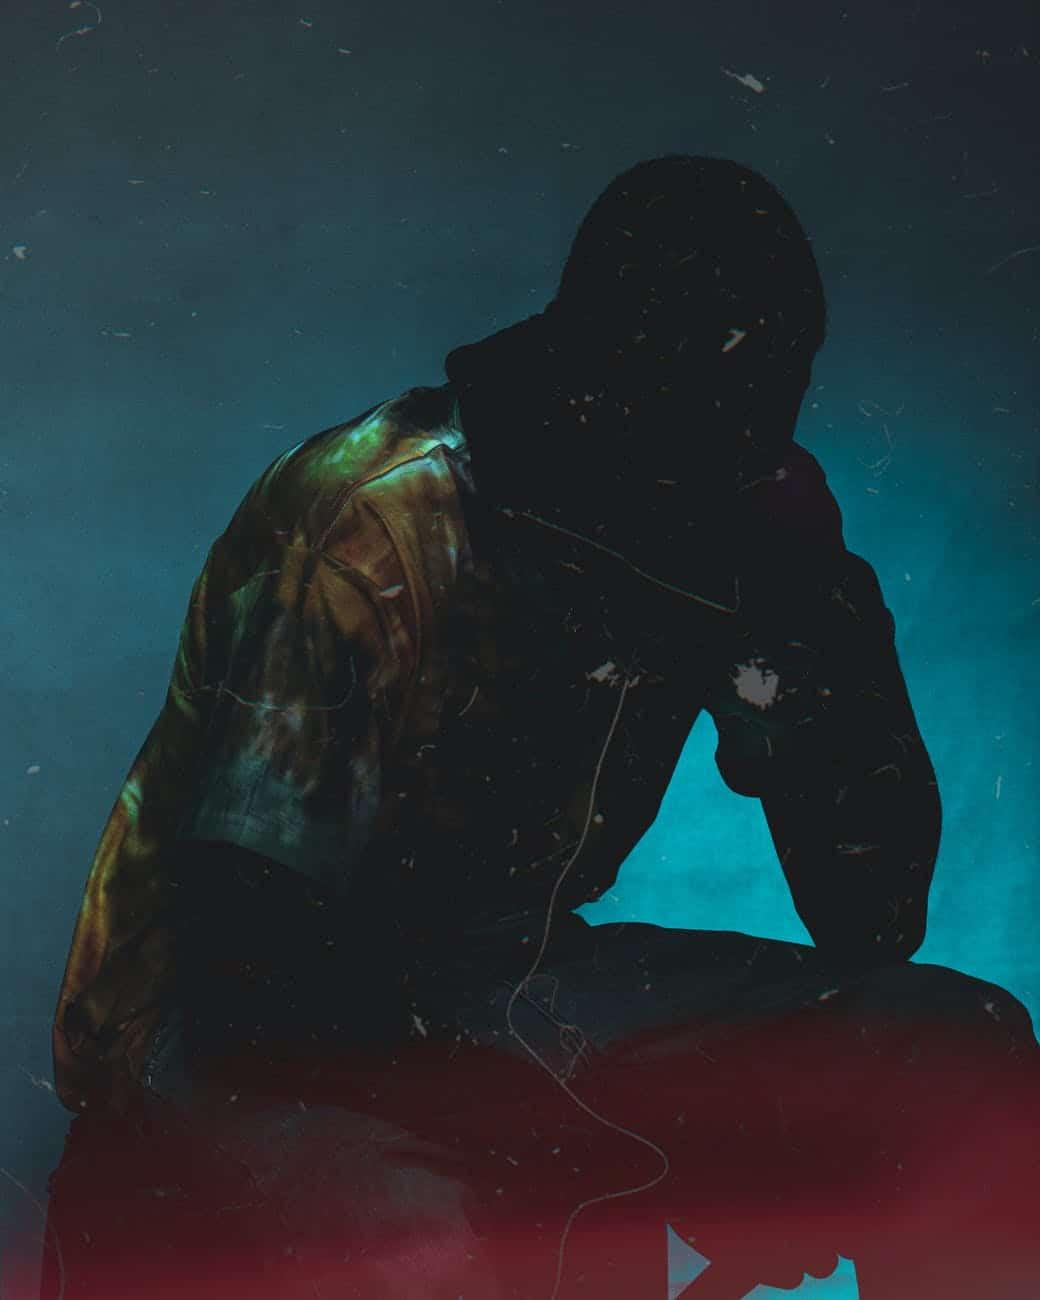 faceless man in black sack on head in dark room